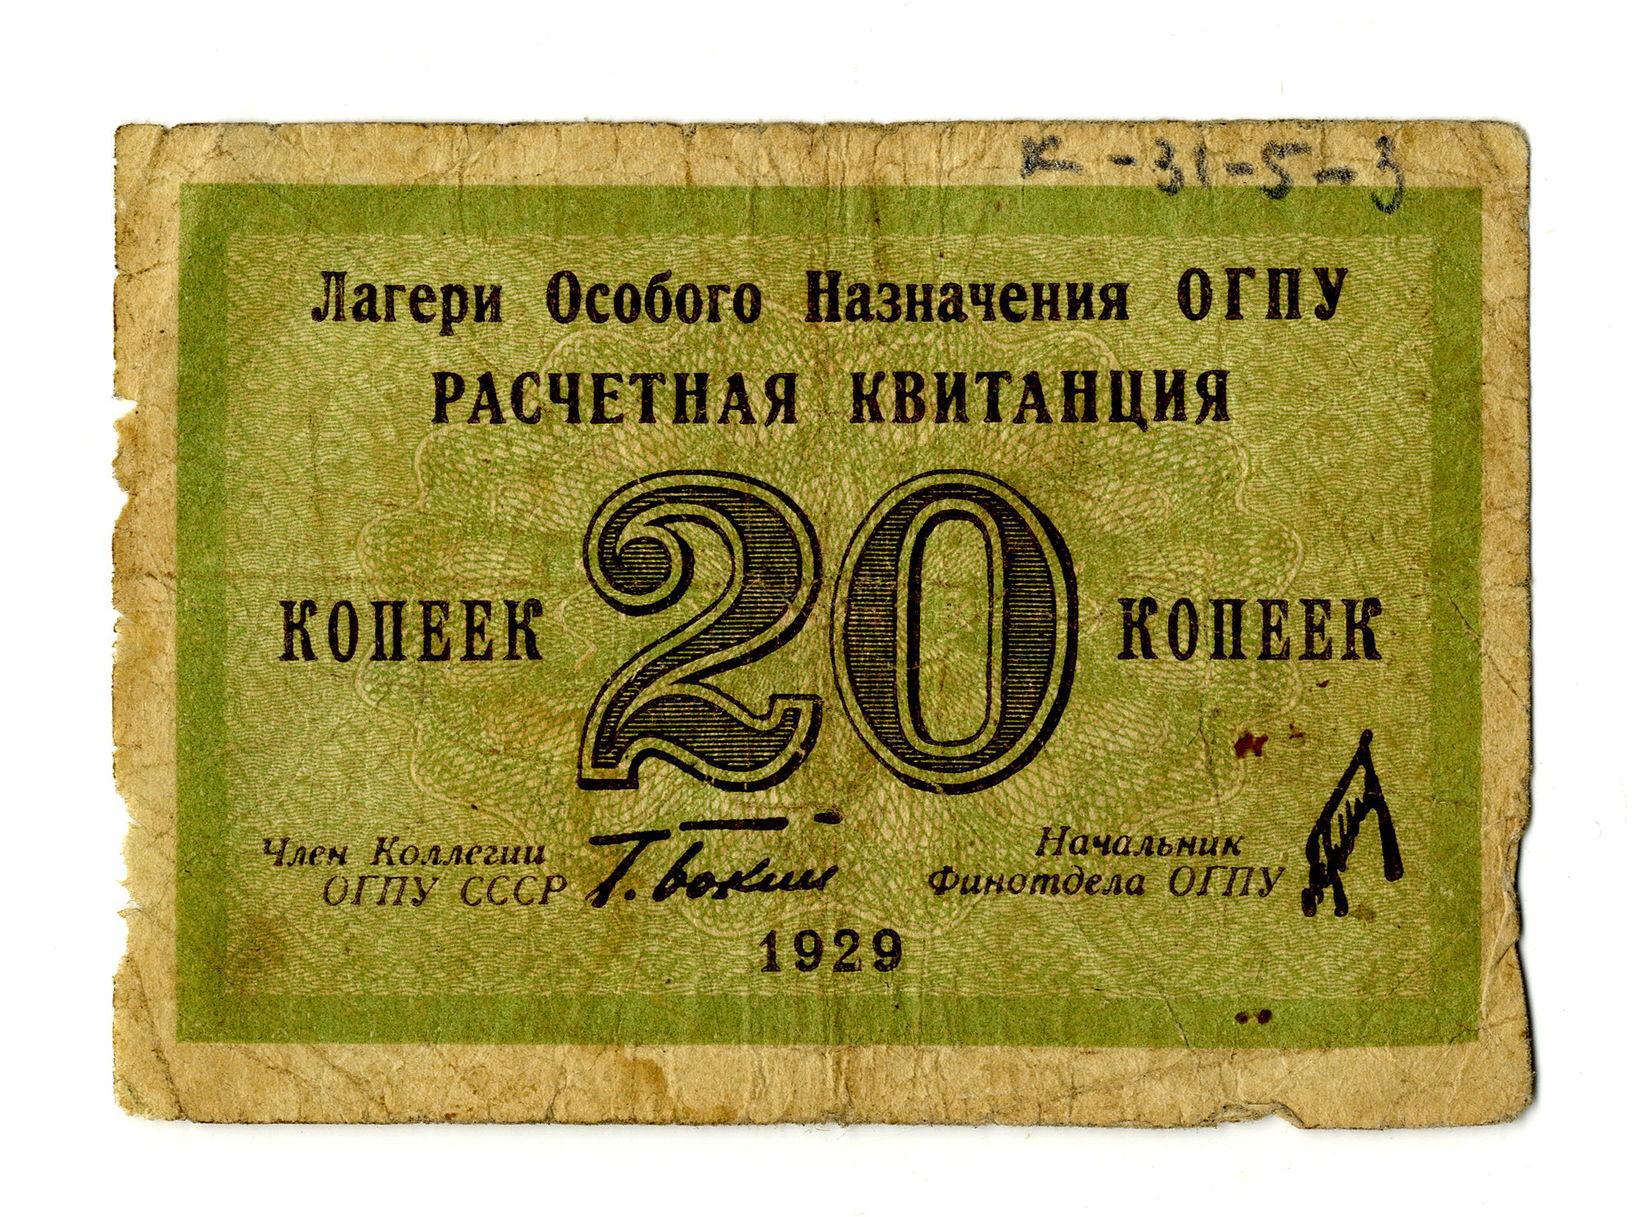 Лицевая сторона расчетной квитанции лагерей особого назначения ОГПУ номиналом в 20 копеек.